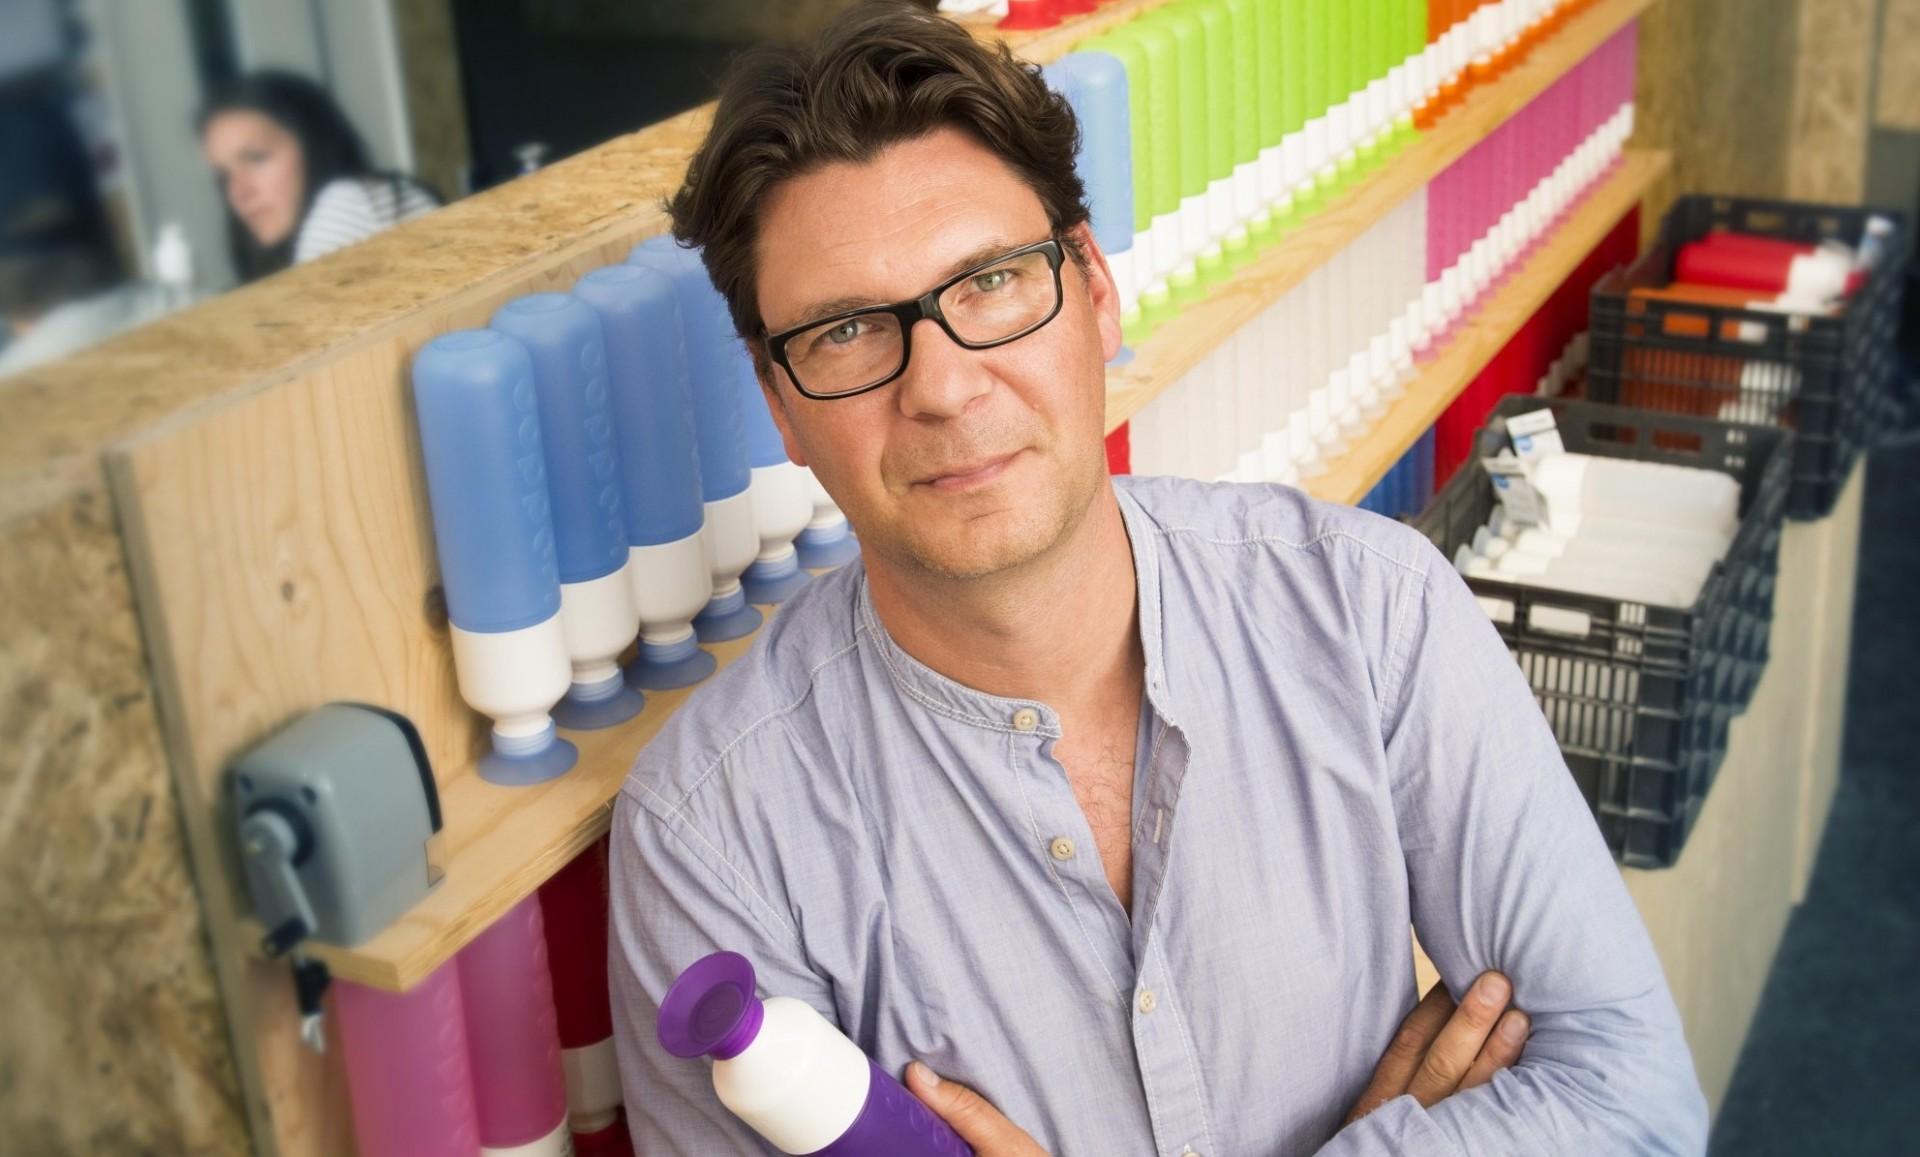 Merijn Everaarts (Dopper): 'Voor het succes van een bedrijf is het cruciaal dat de ondernemer gelukkig is'